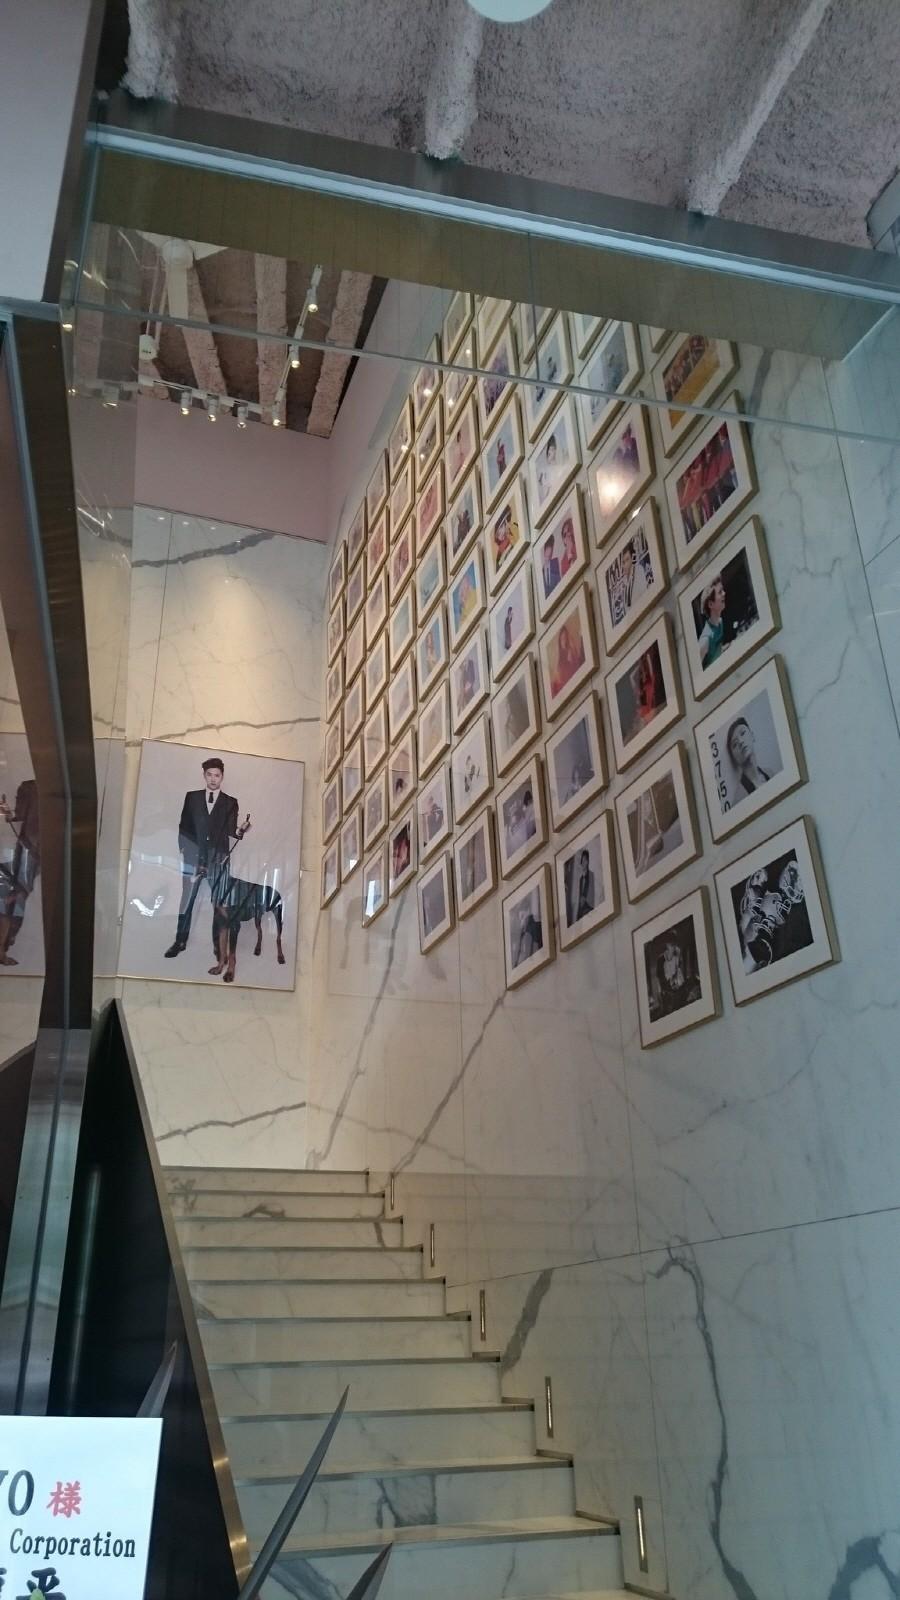 В ресторане также удваивается в качестве музея для плакатов SM художников.